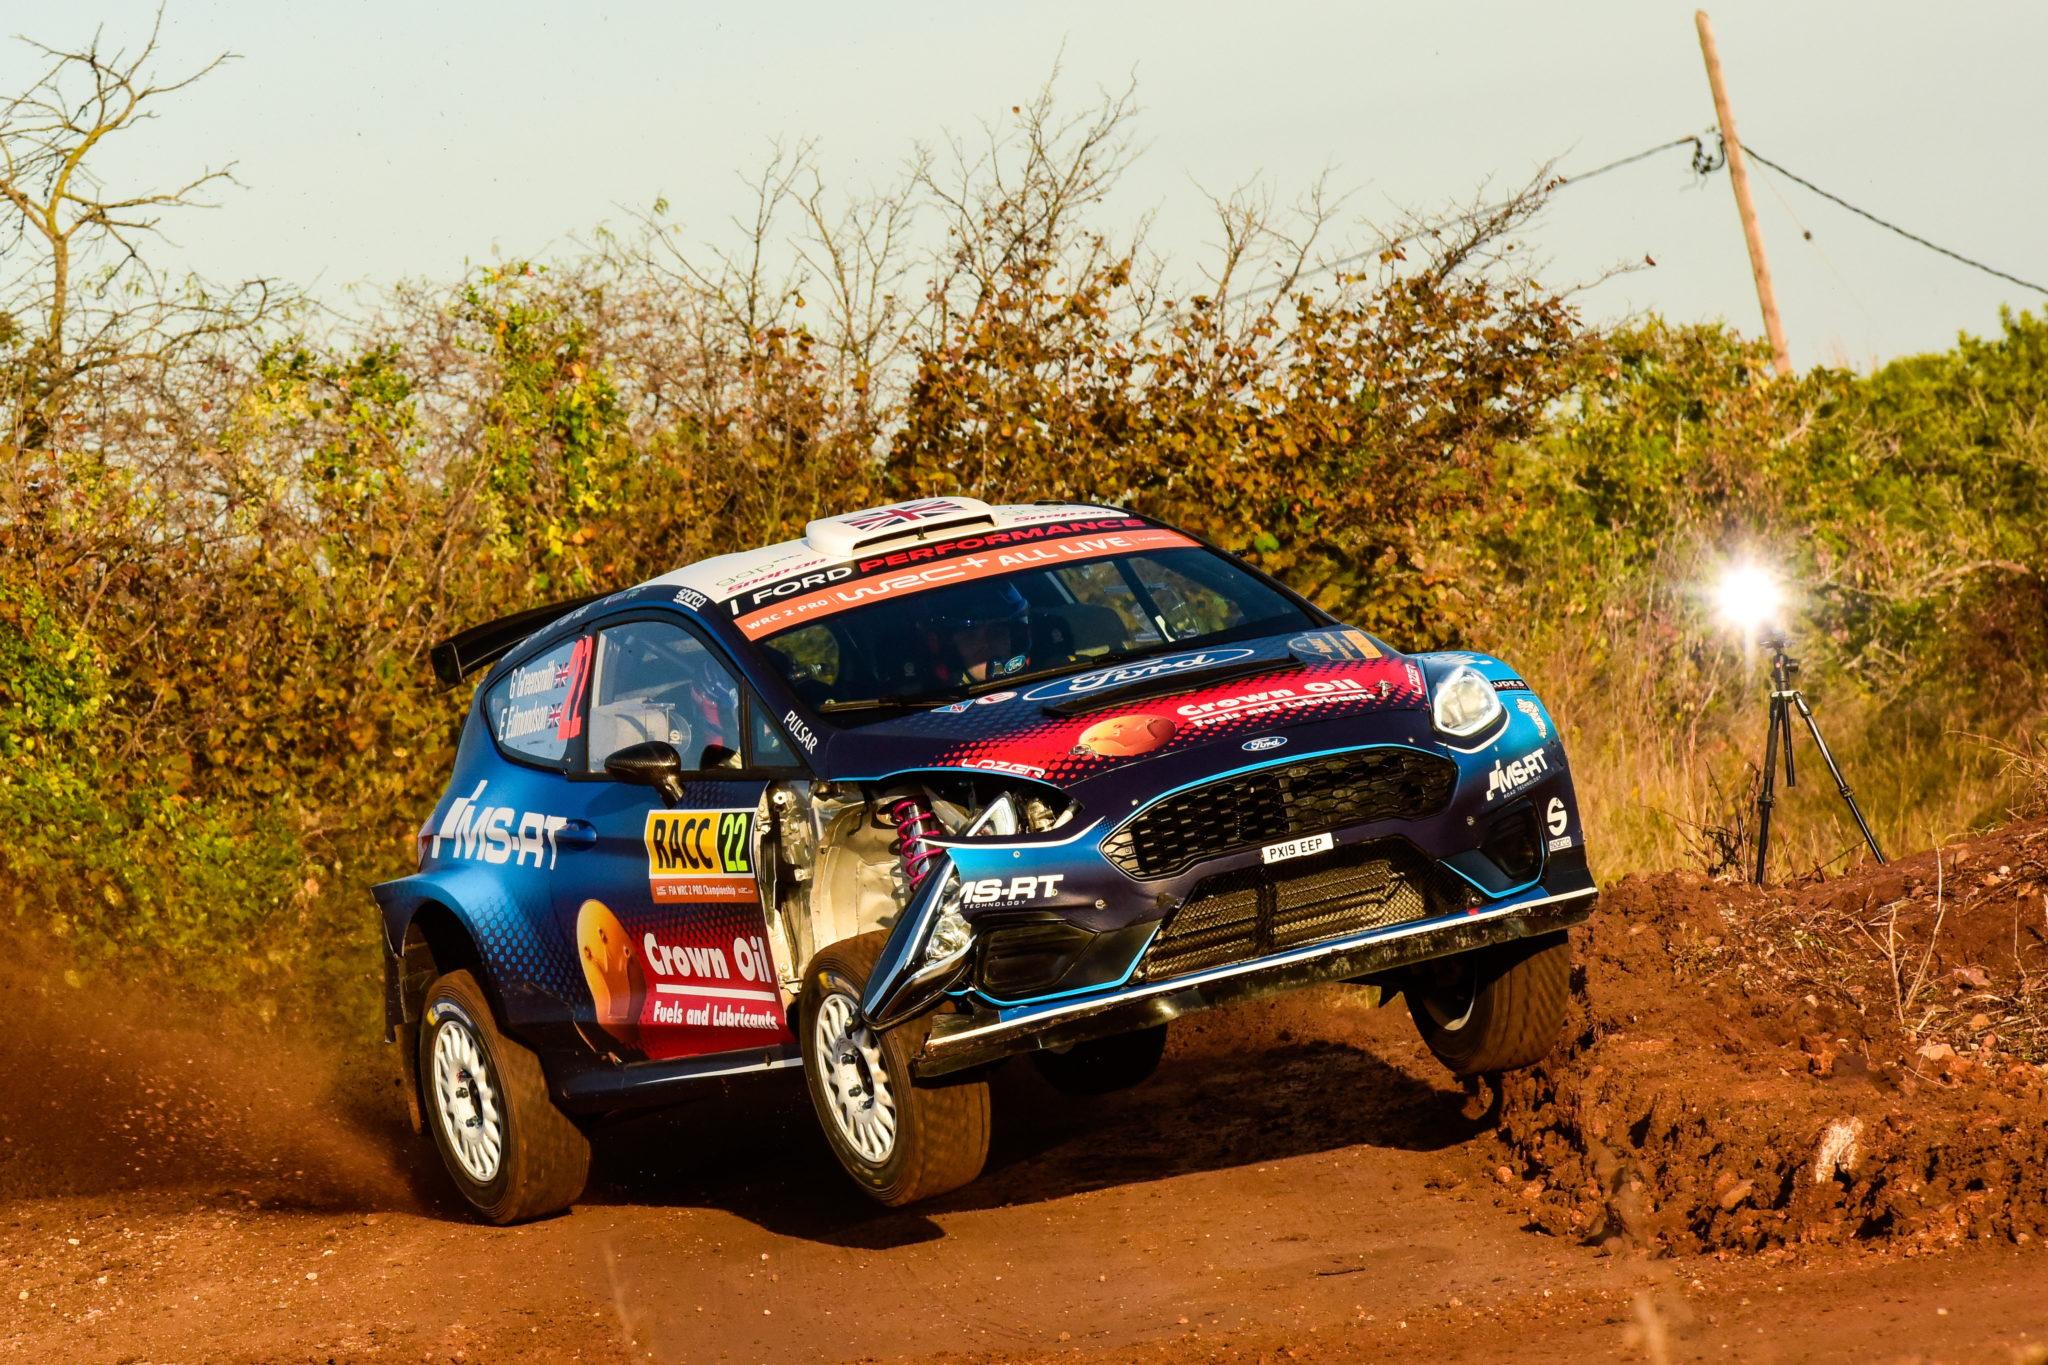 Samochodowy rajd Hiszpanii. fot. EPA/Reporter Images